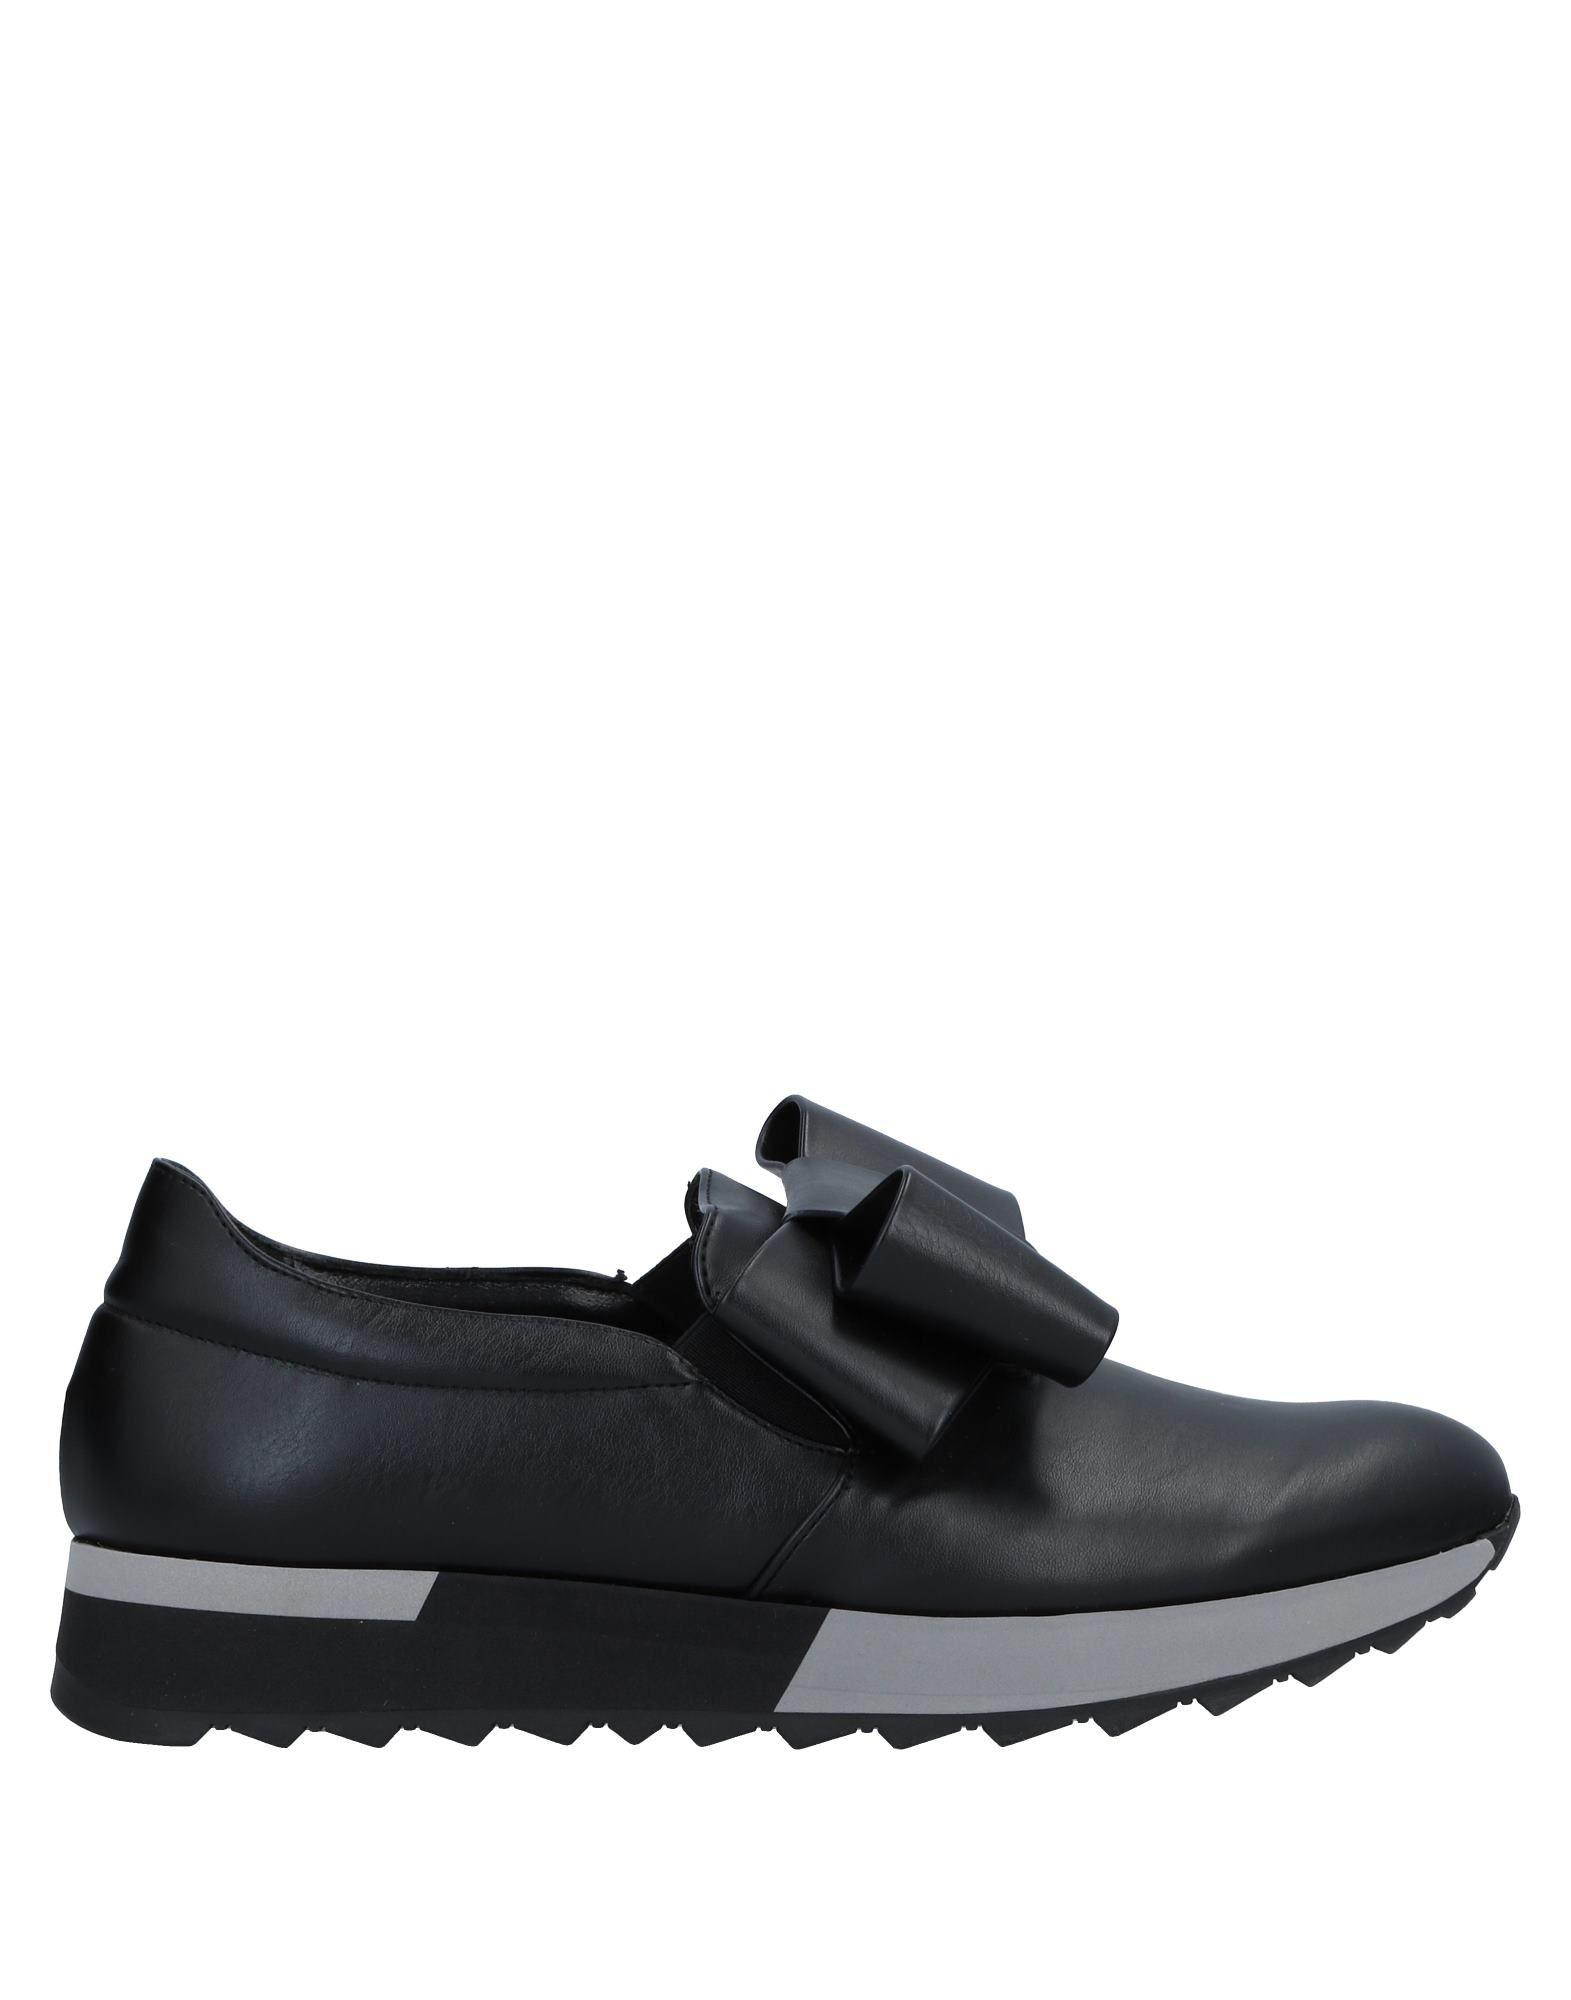 Sneakers Angela George Donna - 11533970KK